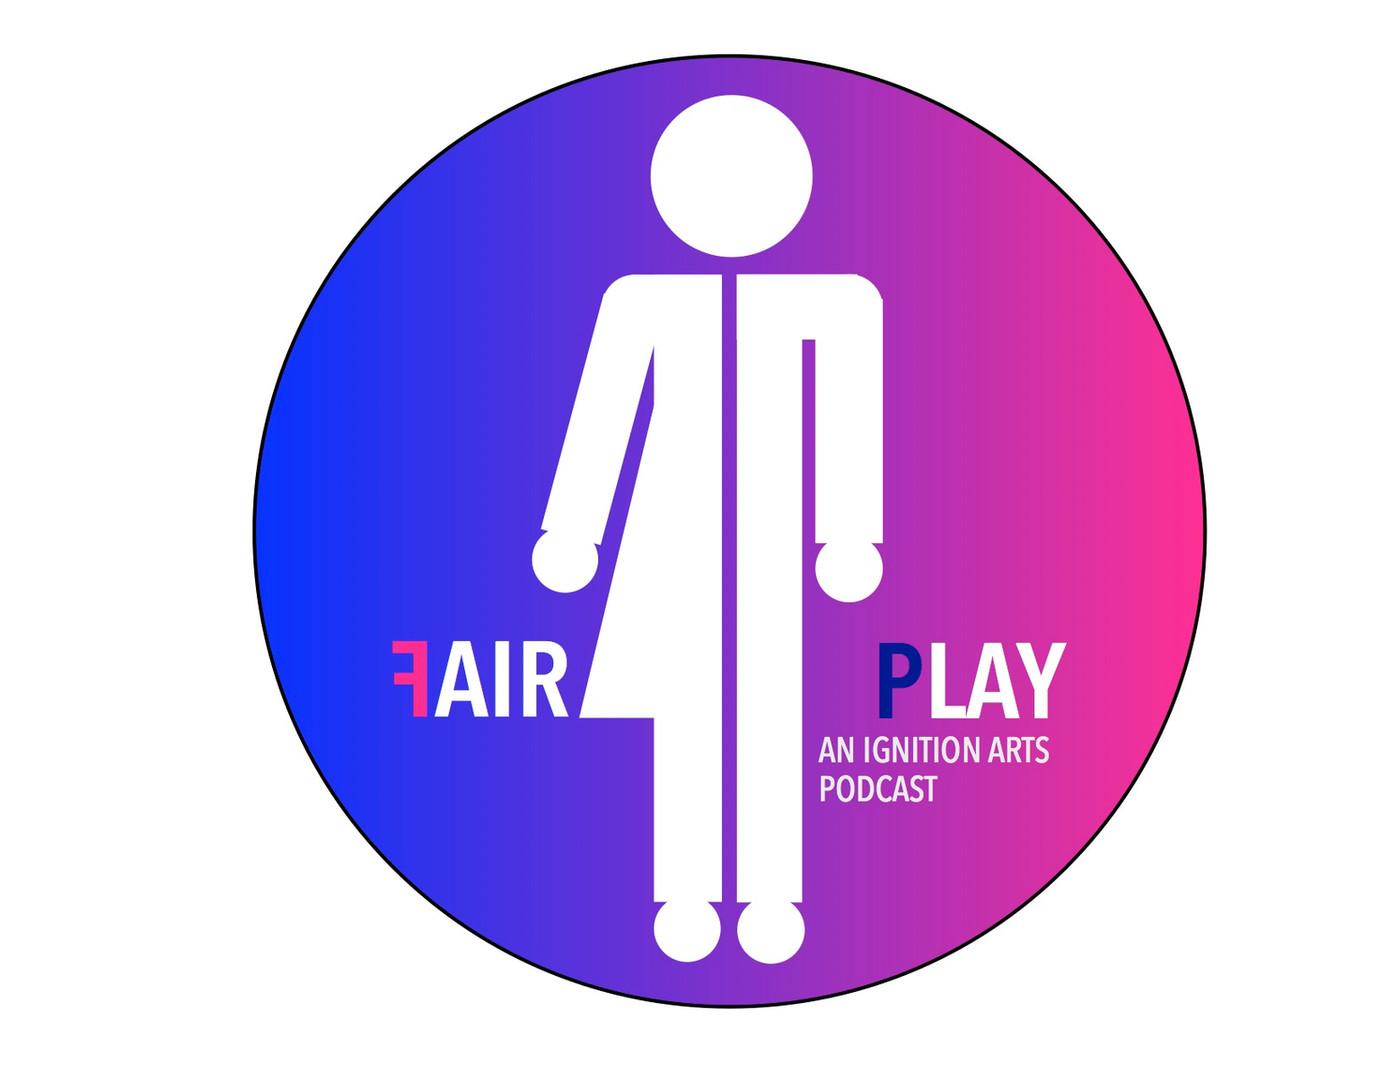 Fair Play Podcast